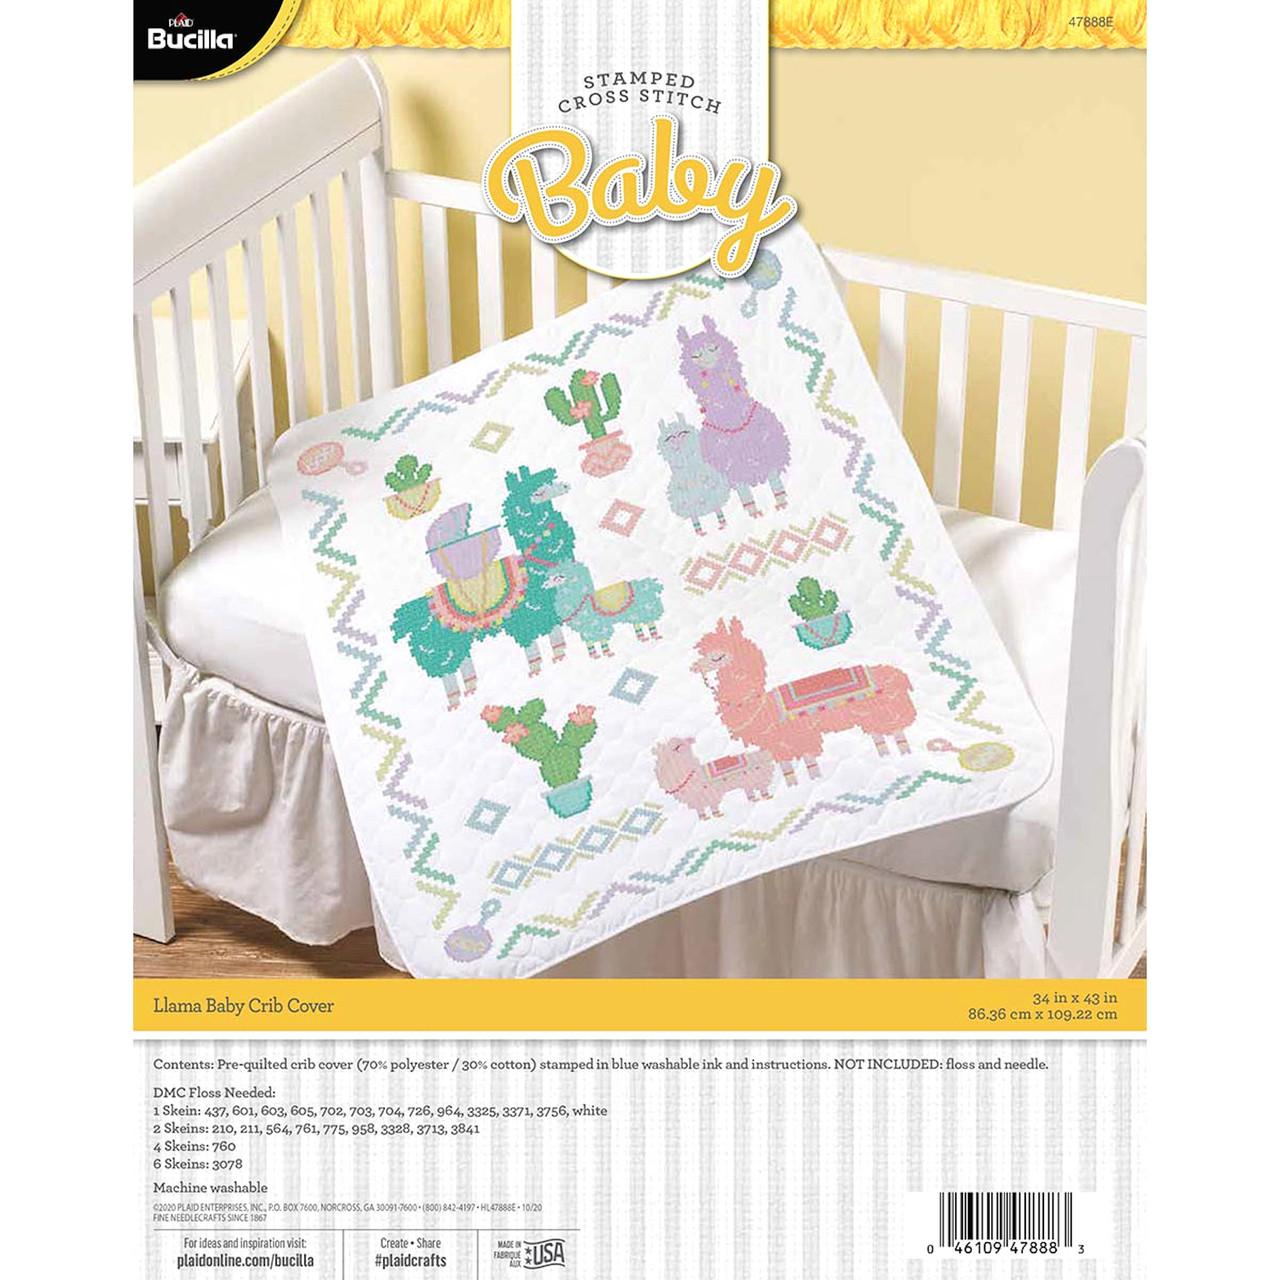 Plaid / Bucilla - Llama Baby Crib Cover